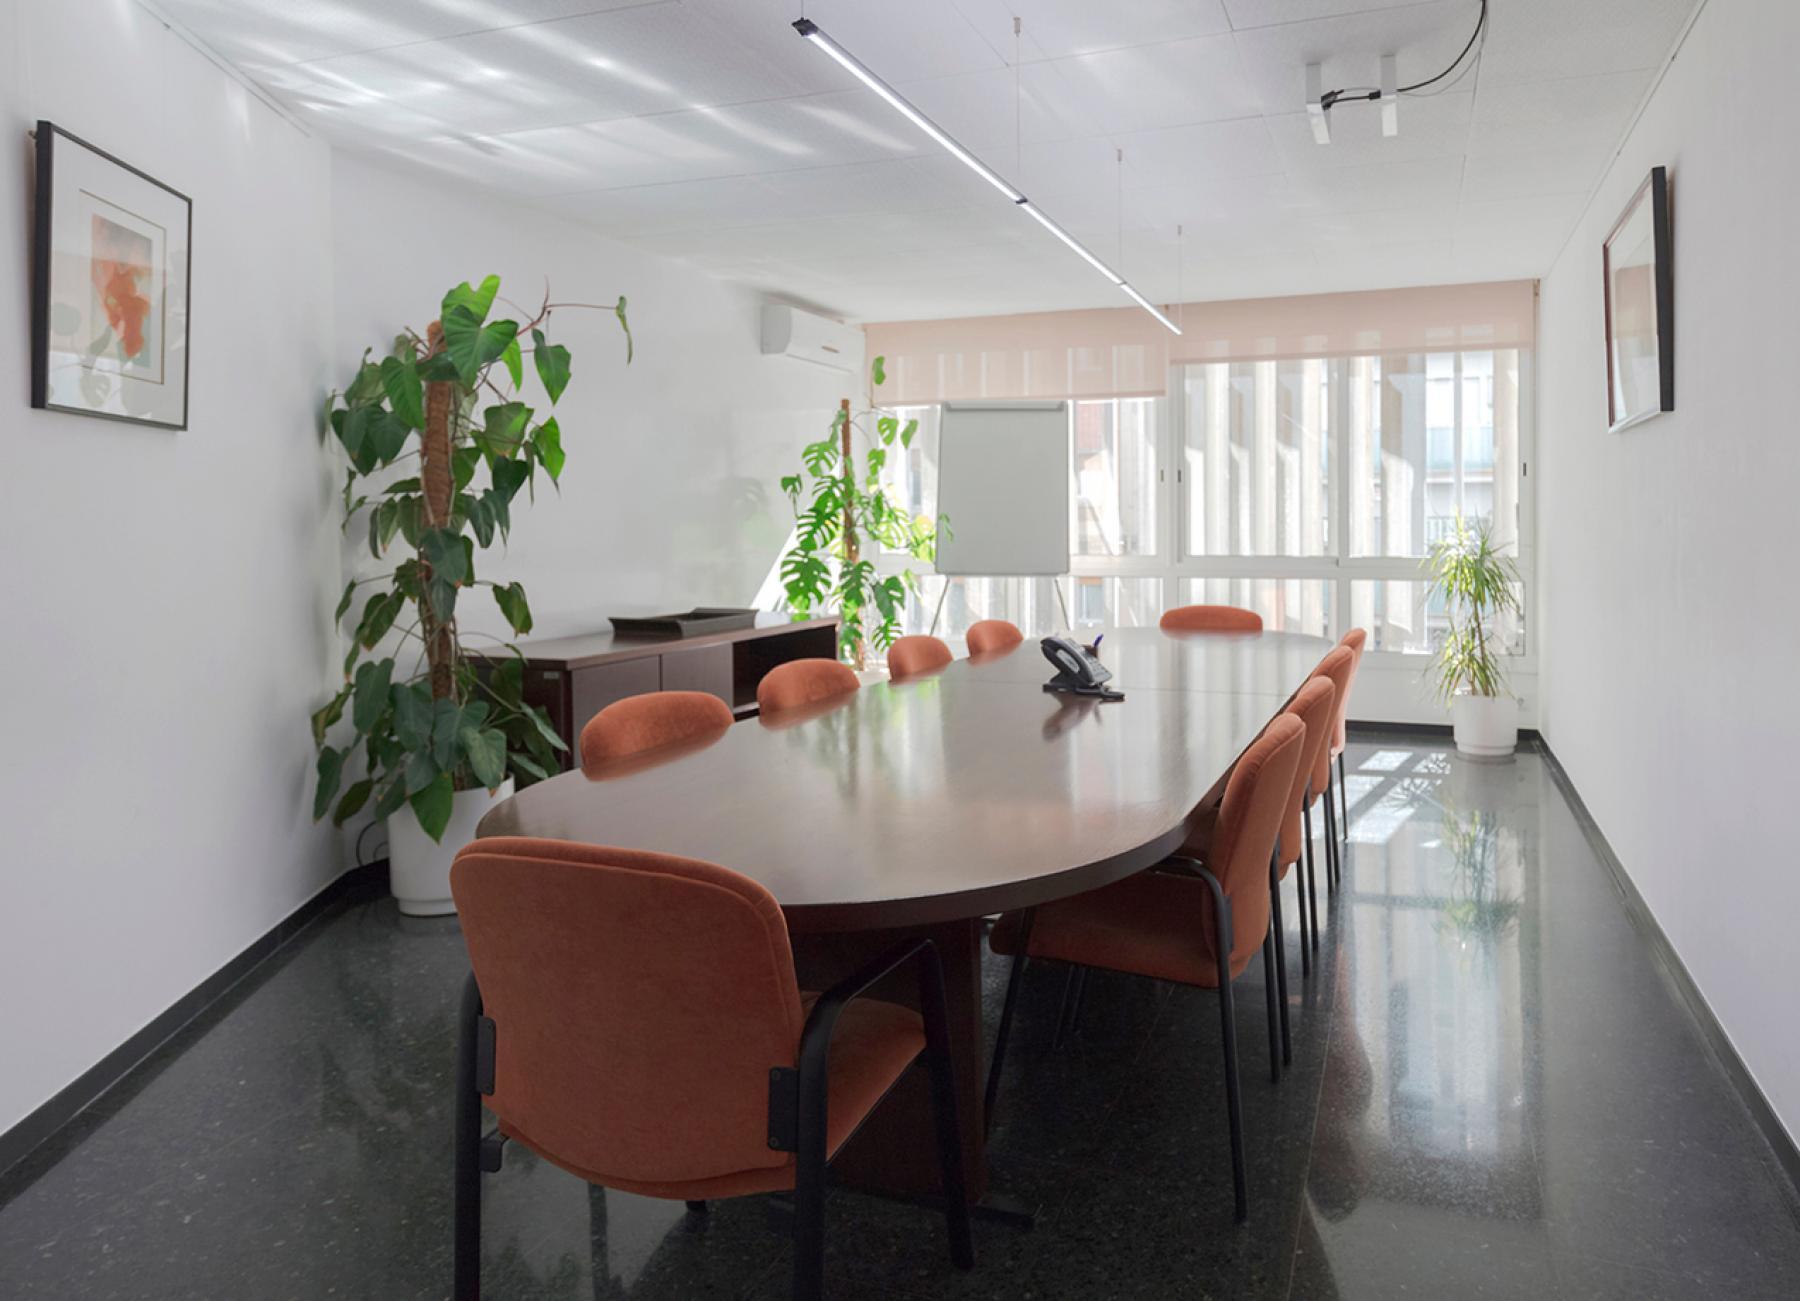 Alquilar oficinas Carrer de Provença 385, Barcelona (9)